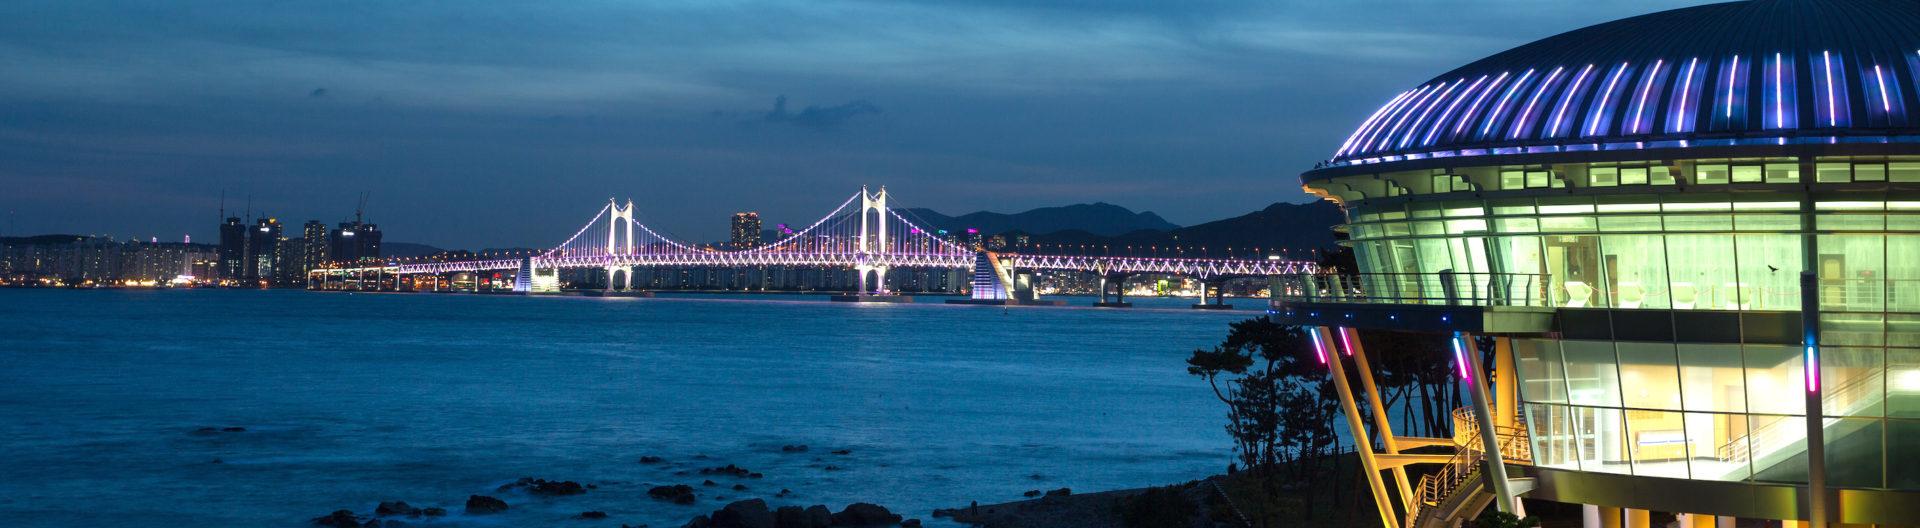 桃井のりこの釜山旅ブログ『ワッタカッタ釜山』